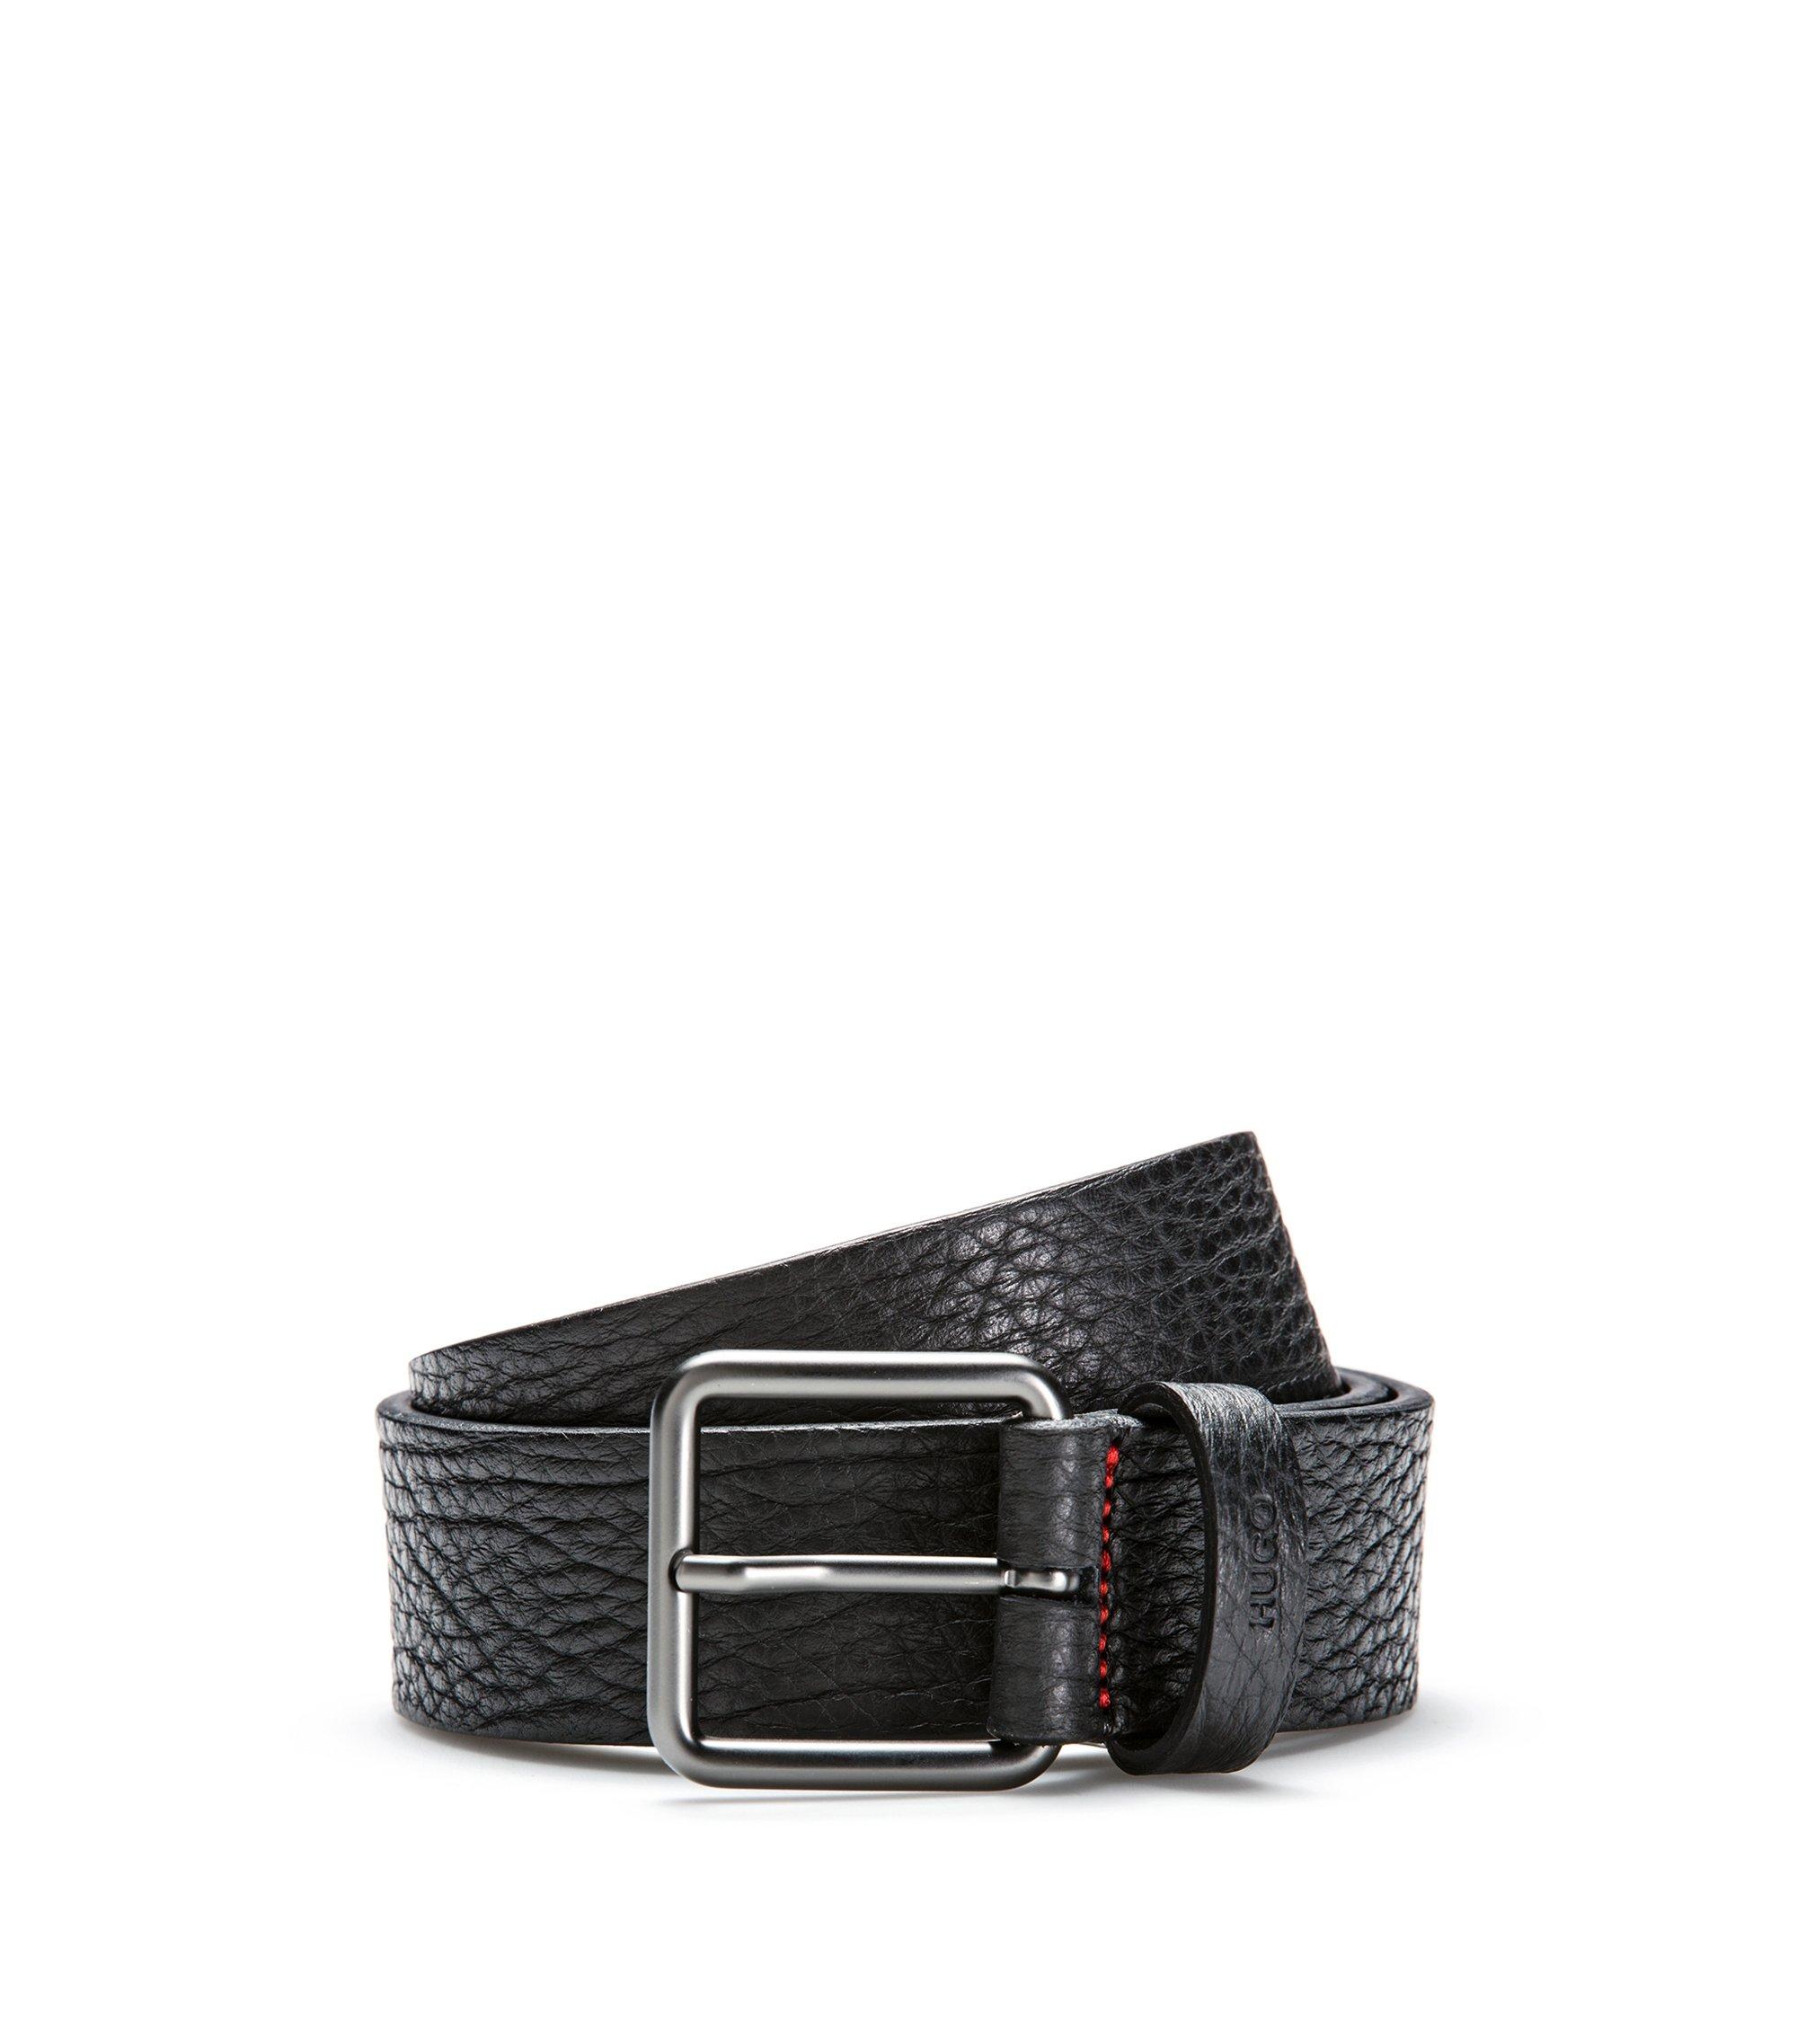 Cinturón de piel grabada con grano y hebilla mate de metal pesado, Negro